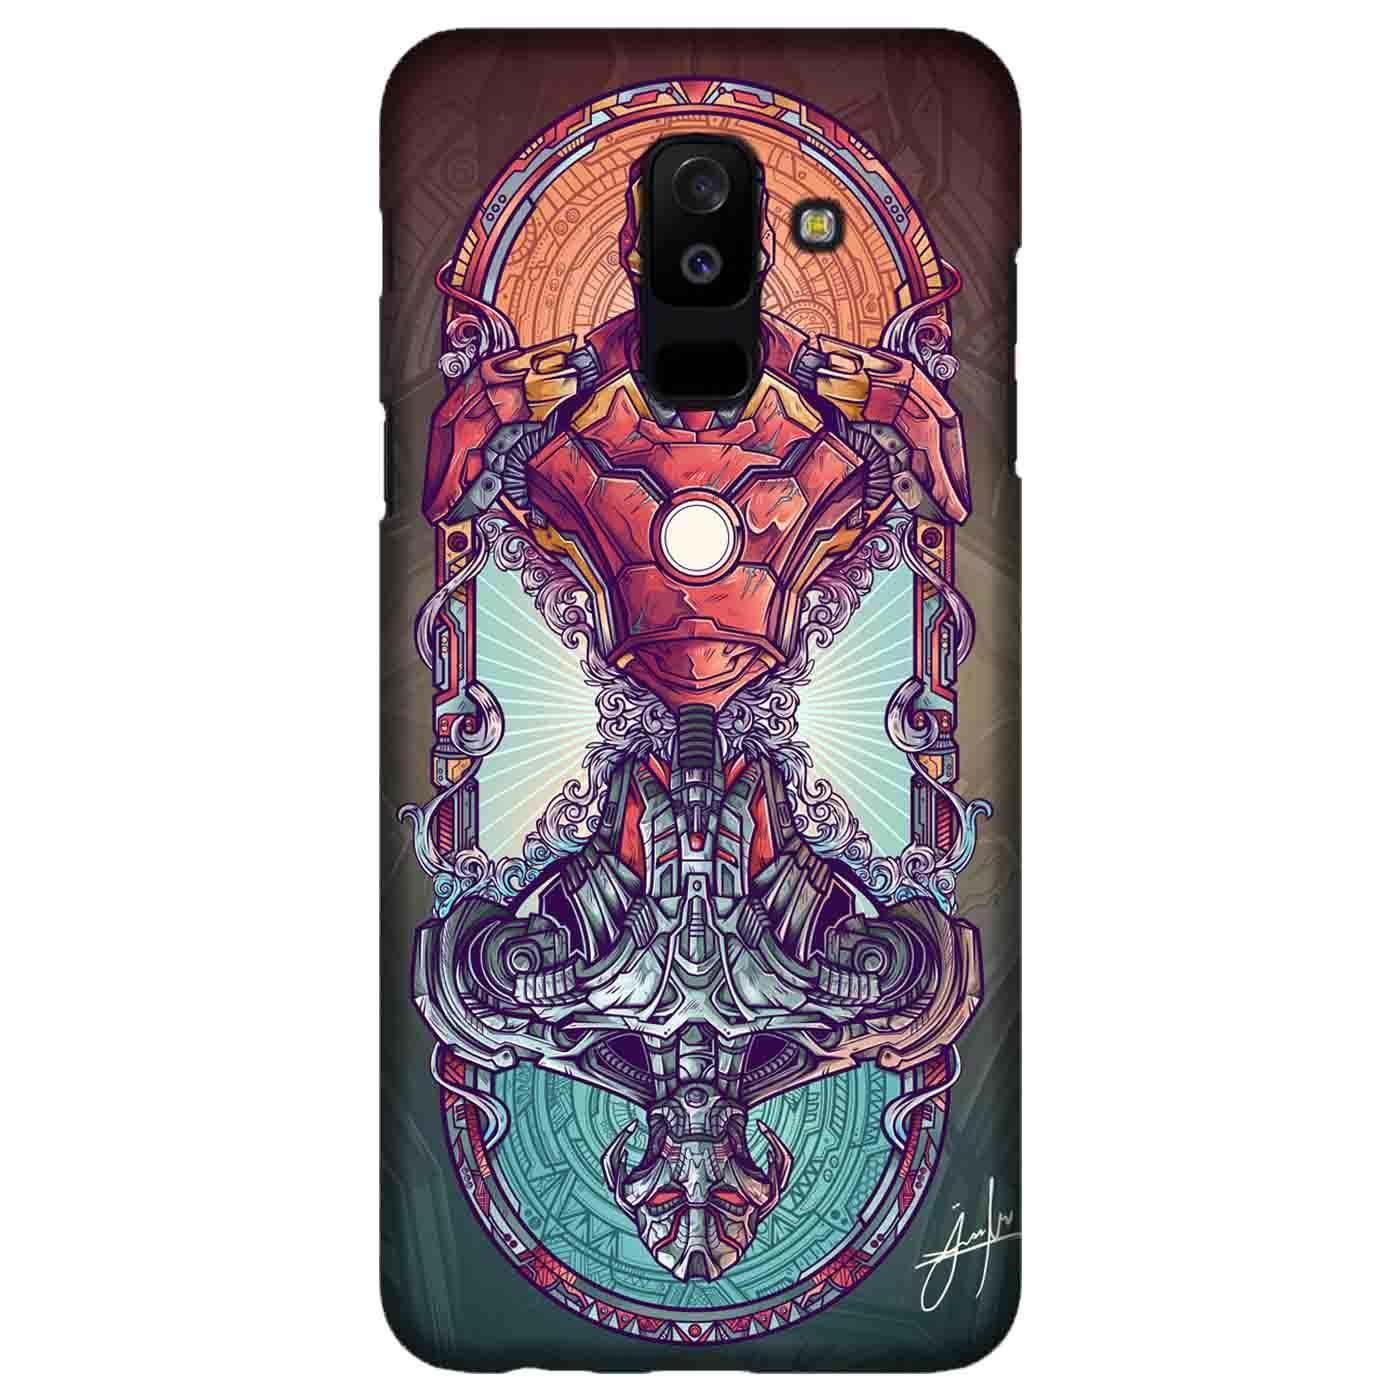 Casing Hardcase Bergambar Motif Ironman vs Ultron Artwork untuk Handphone Samsung Galaxy A6 Plus 20